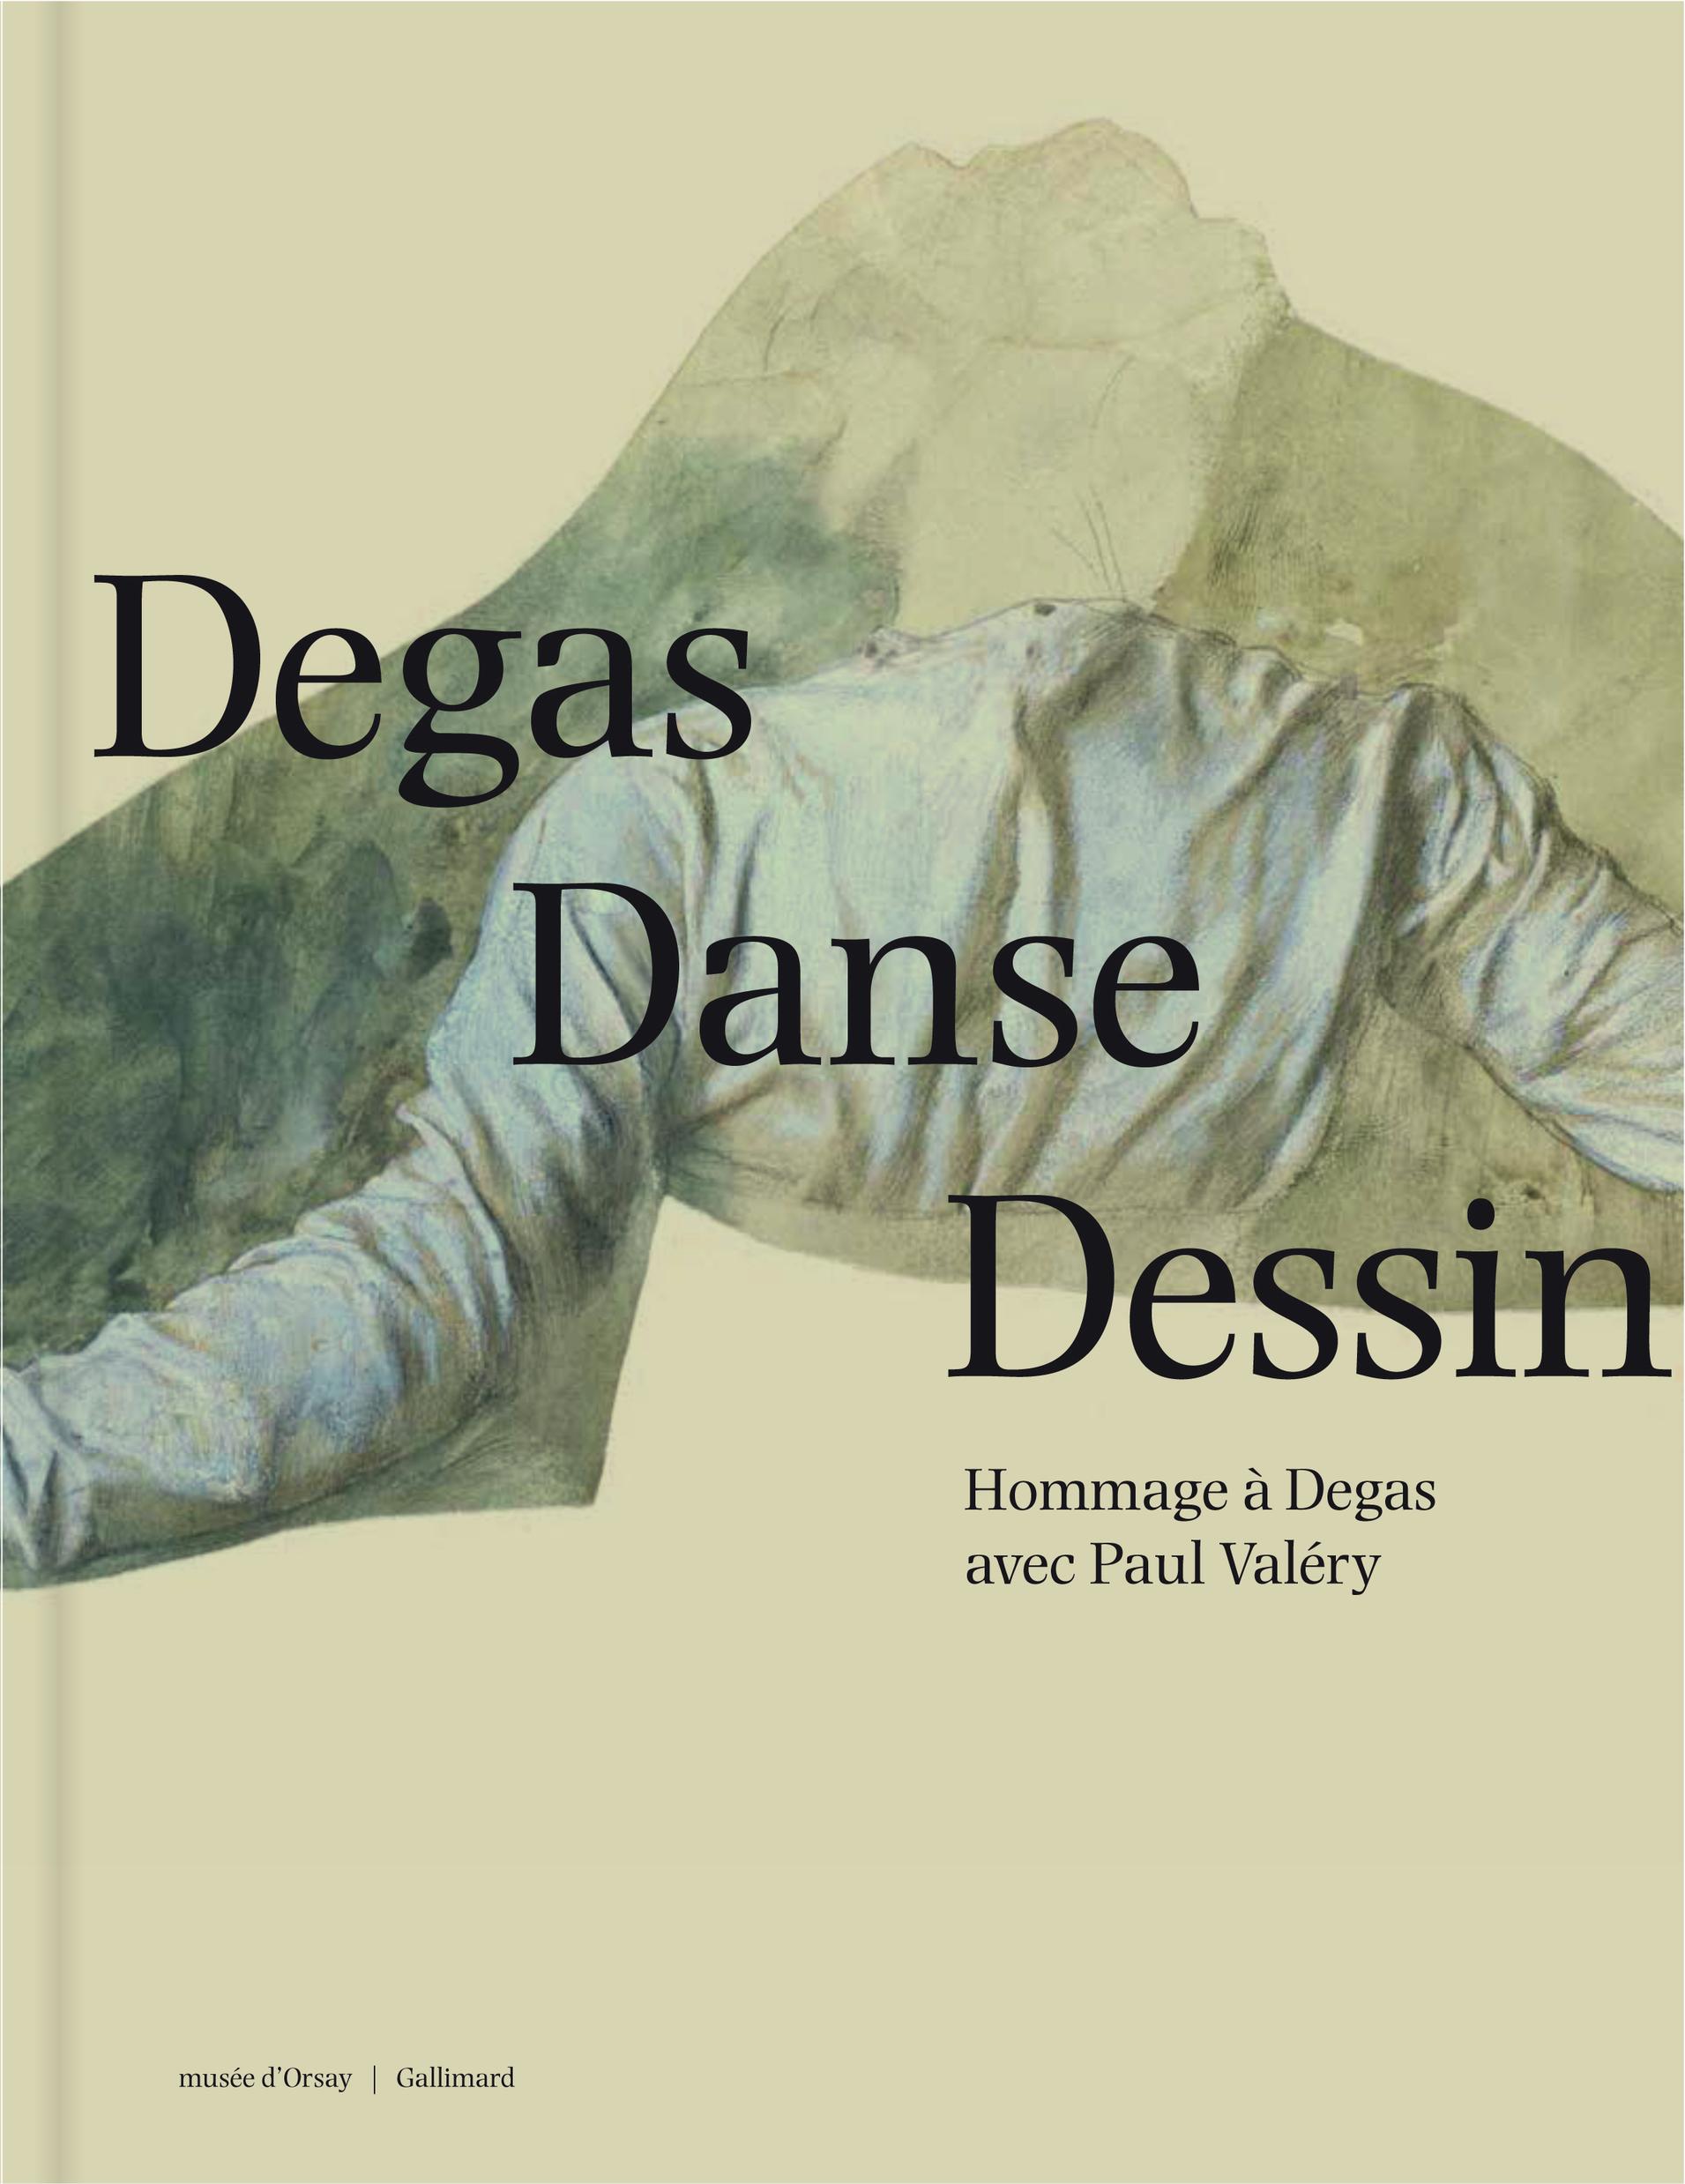 Degas Danse Dessin. Hommage à Degas avec P. Valéry